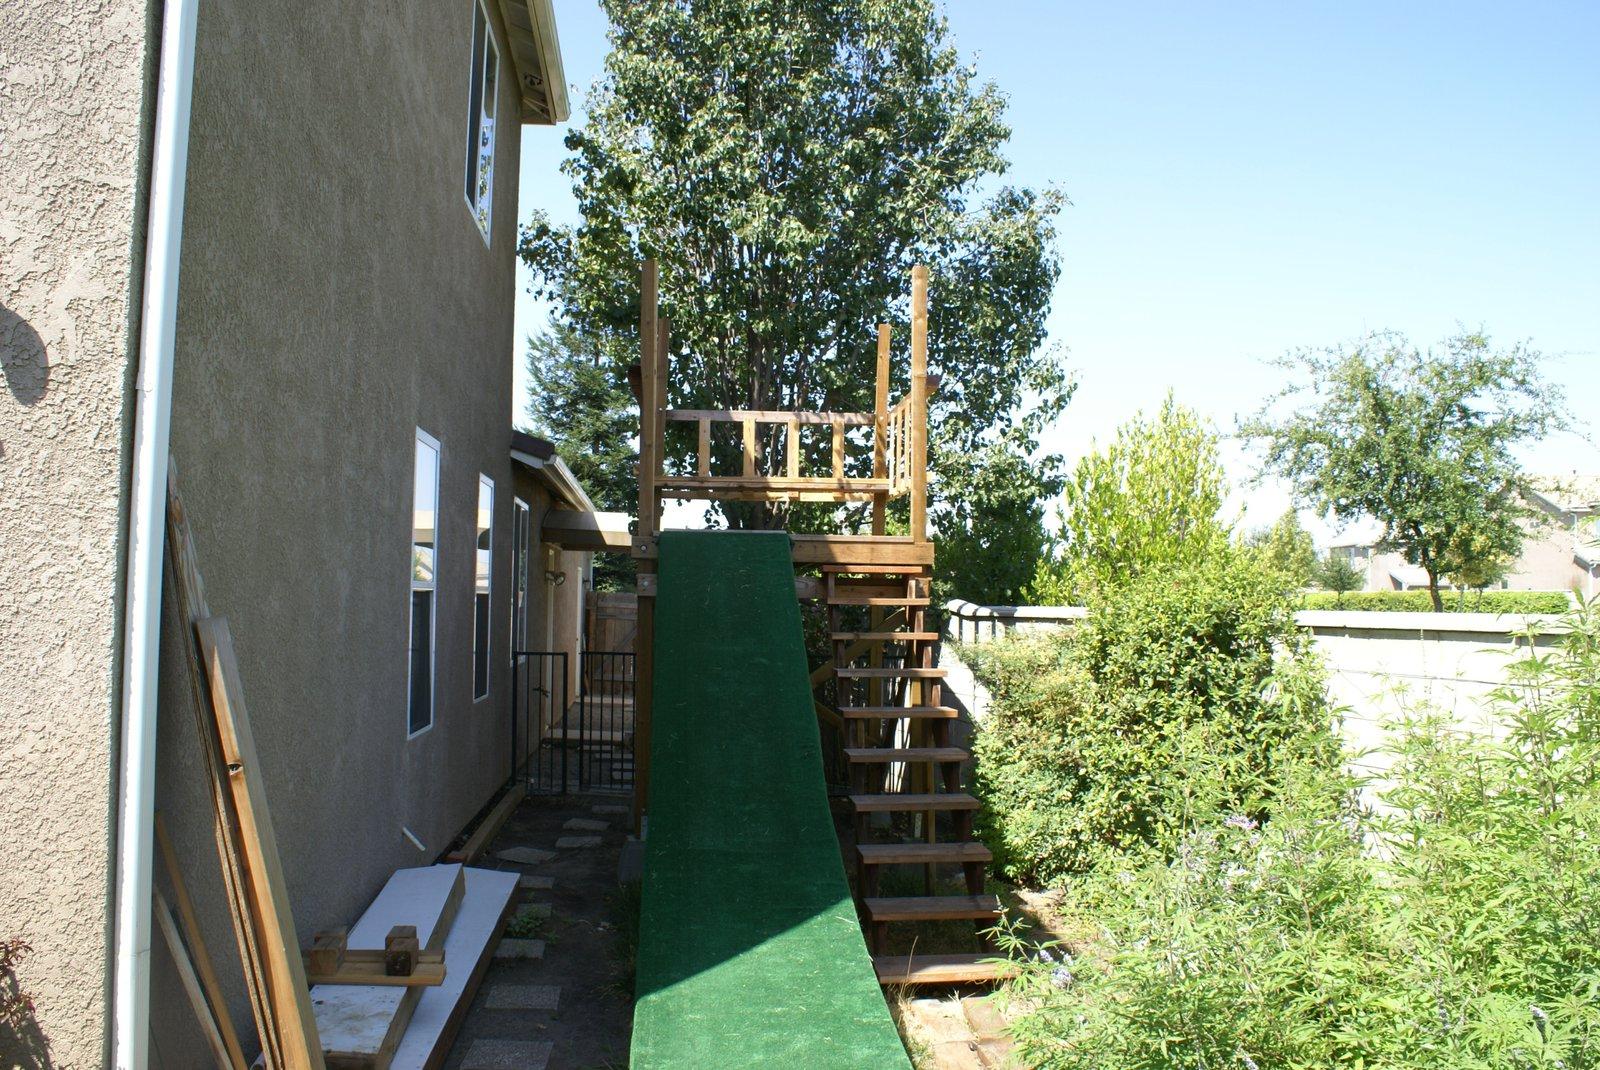 Backyard jib